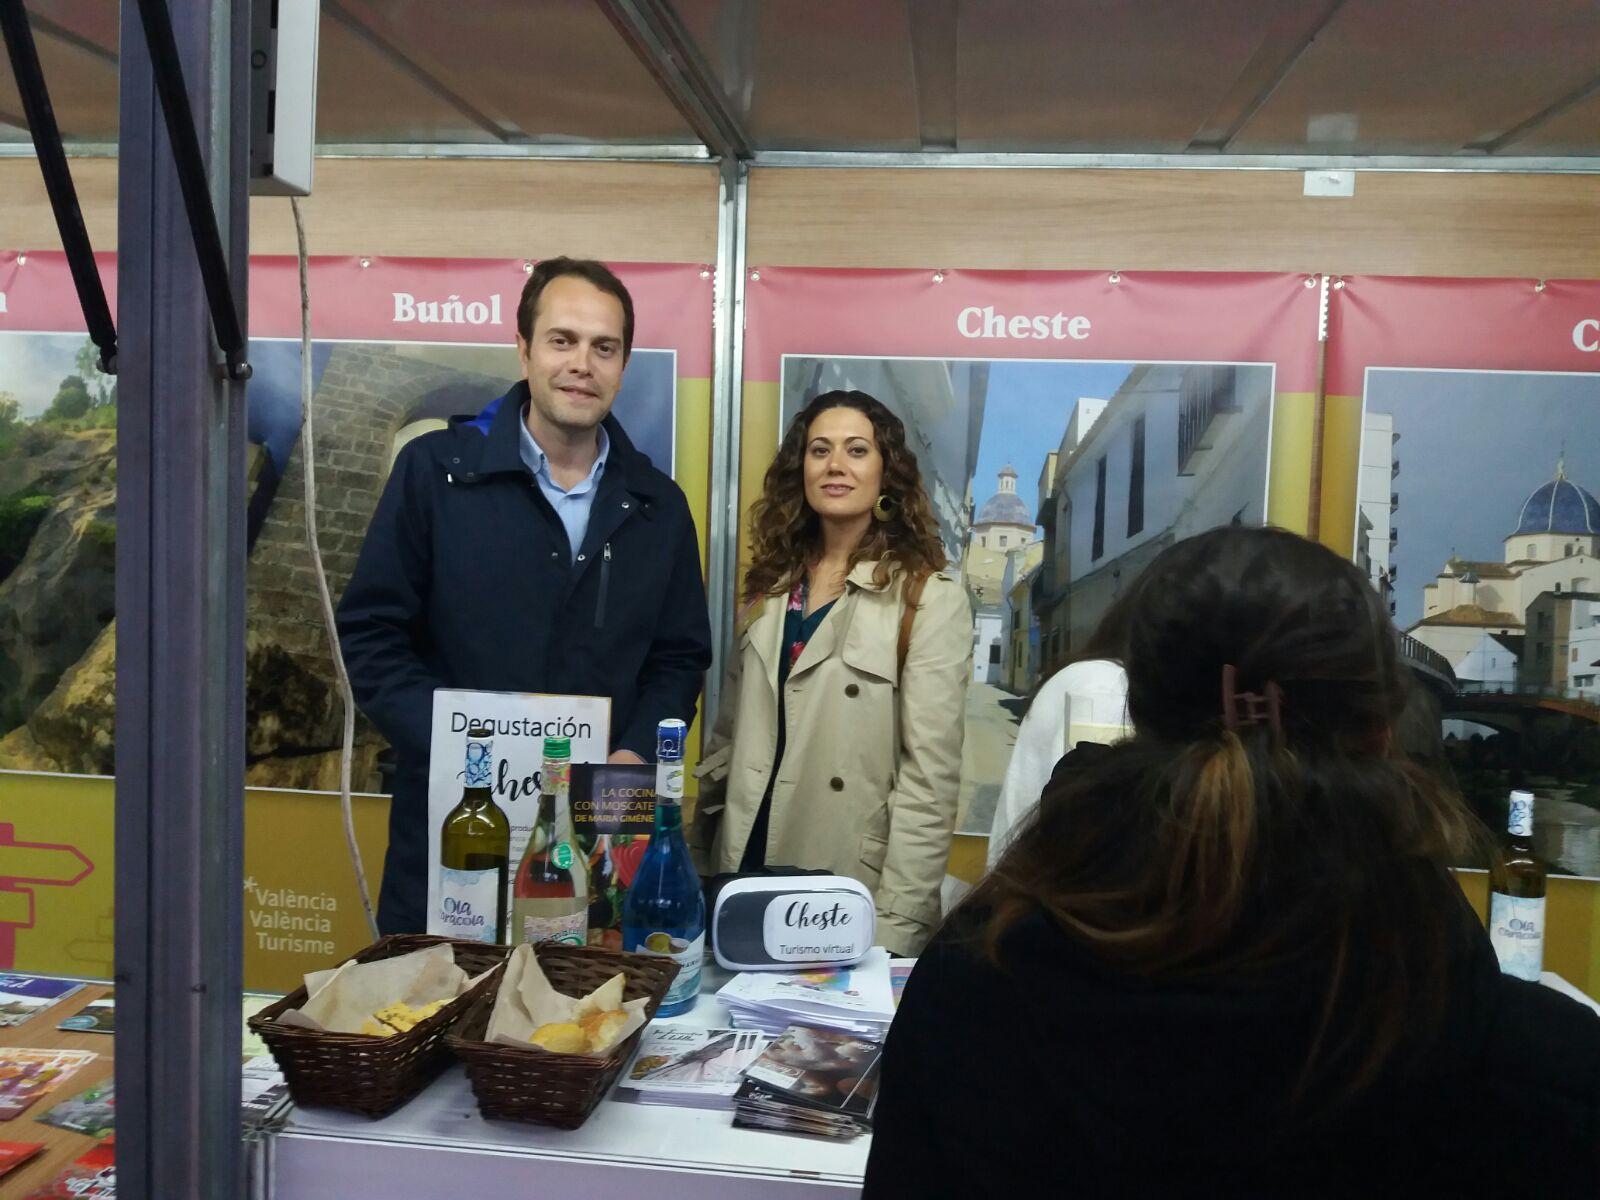 El alcalde de Cheste, José Morell, junto a la concejala de Turismo, Ainoha Albiach.